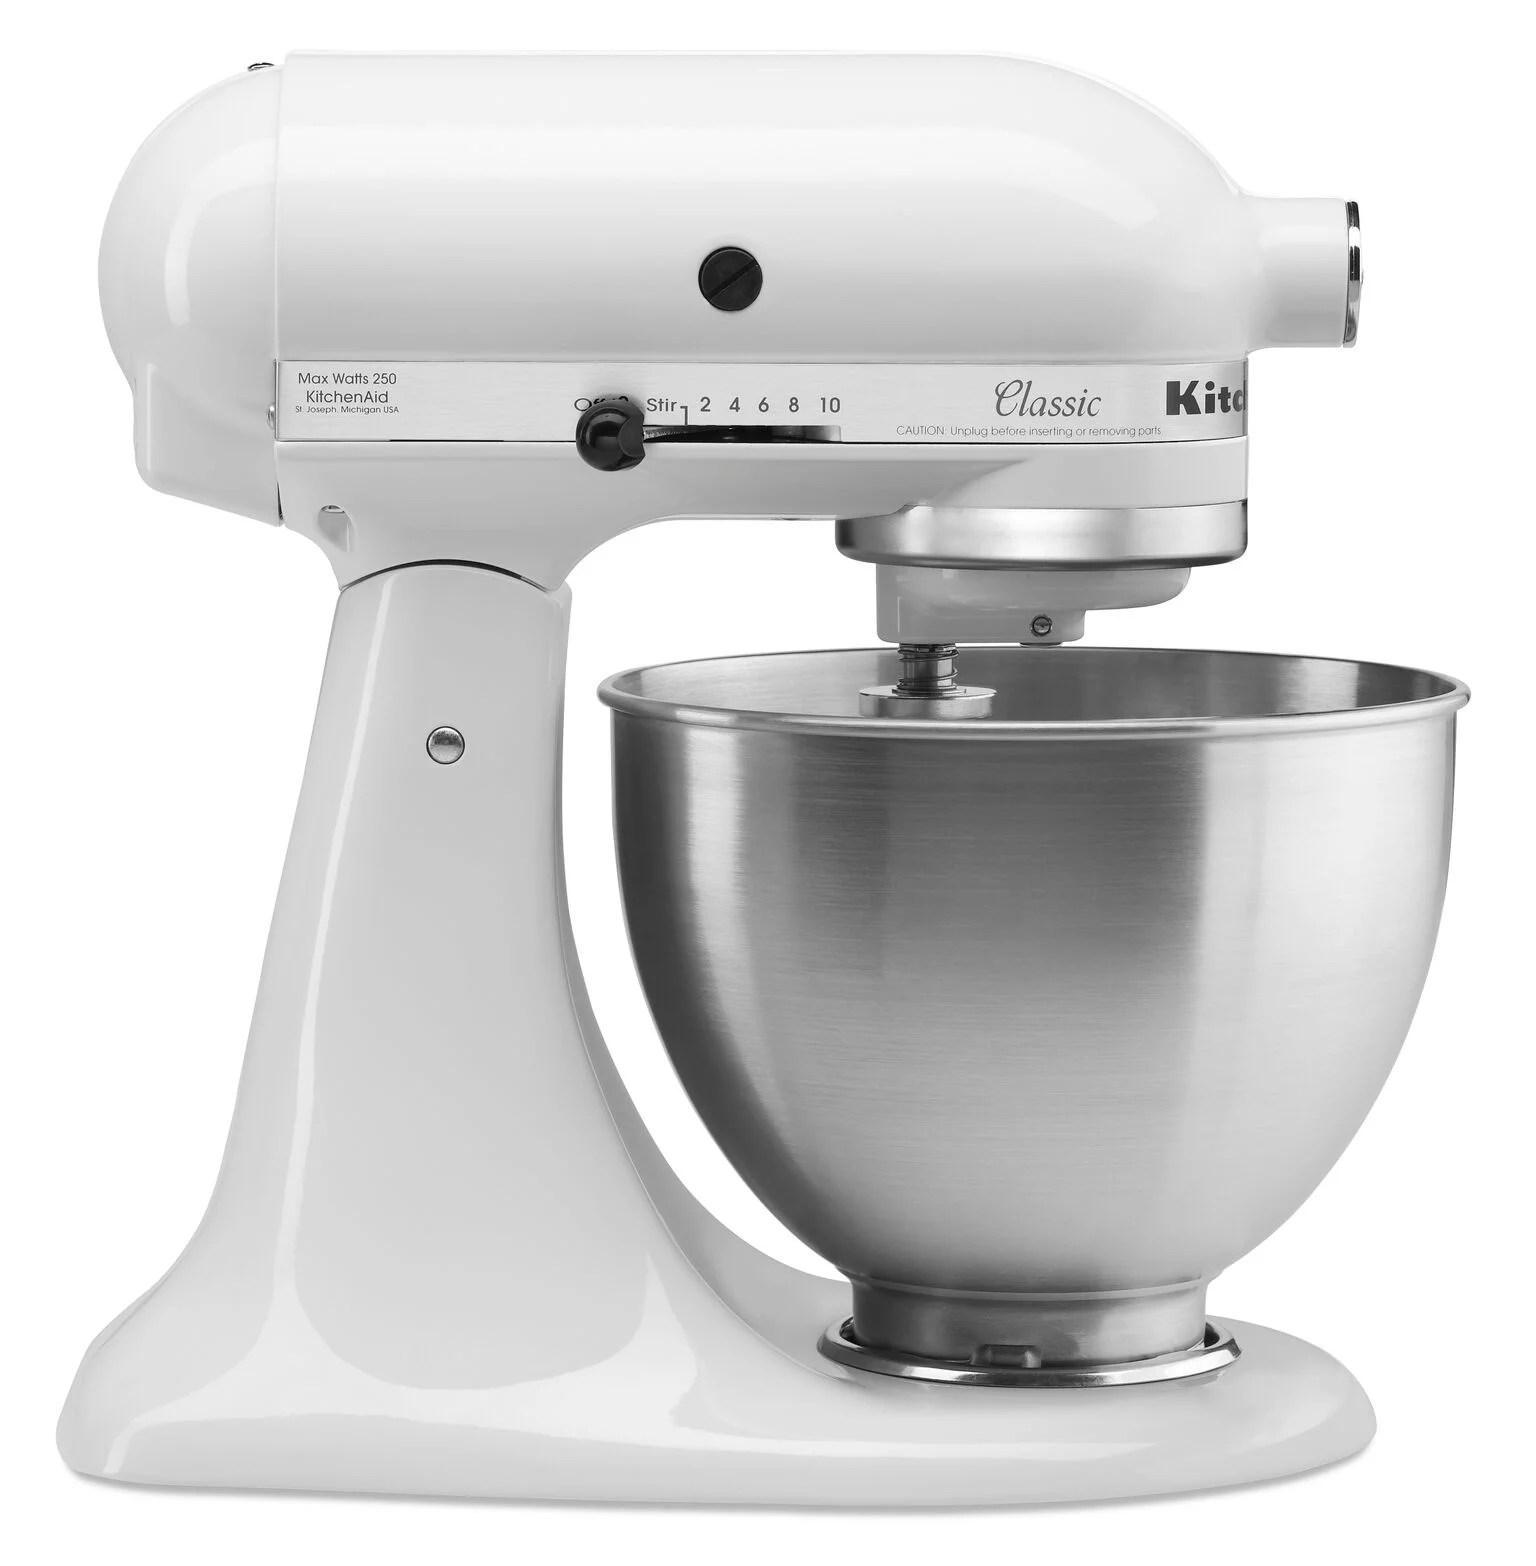 kitchenaid classic series 4 5 quart tilt head stand mixer white k45sswh walmart com